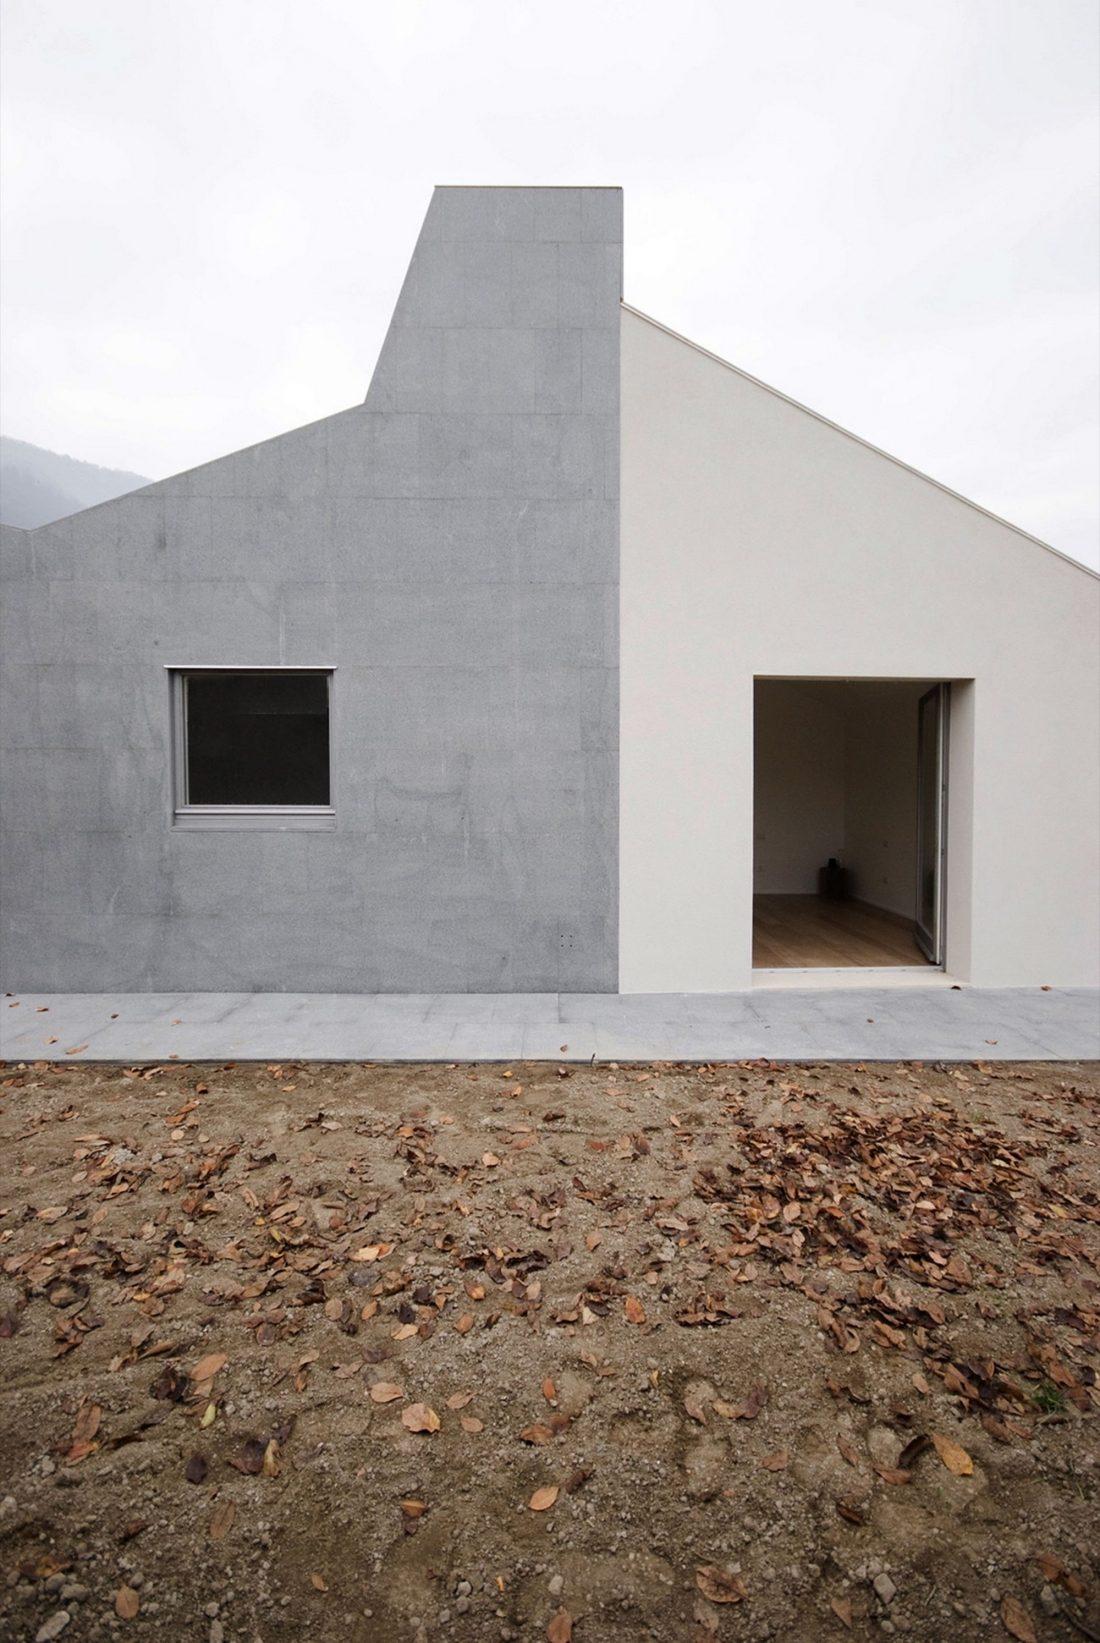 seryj-granitnyj-dom-ot-studii-ifdesign-12